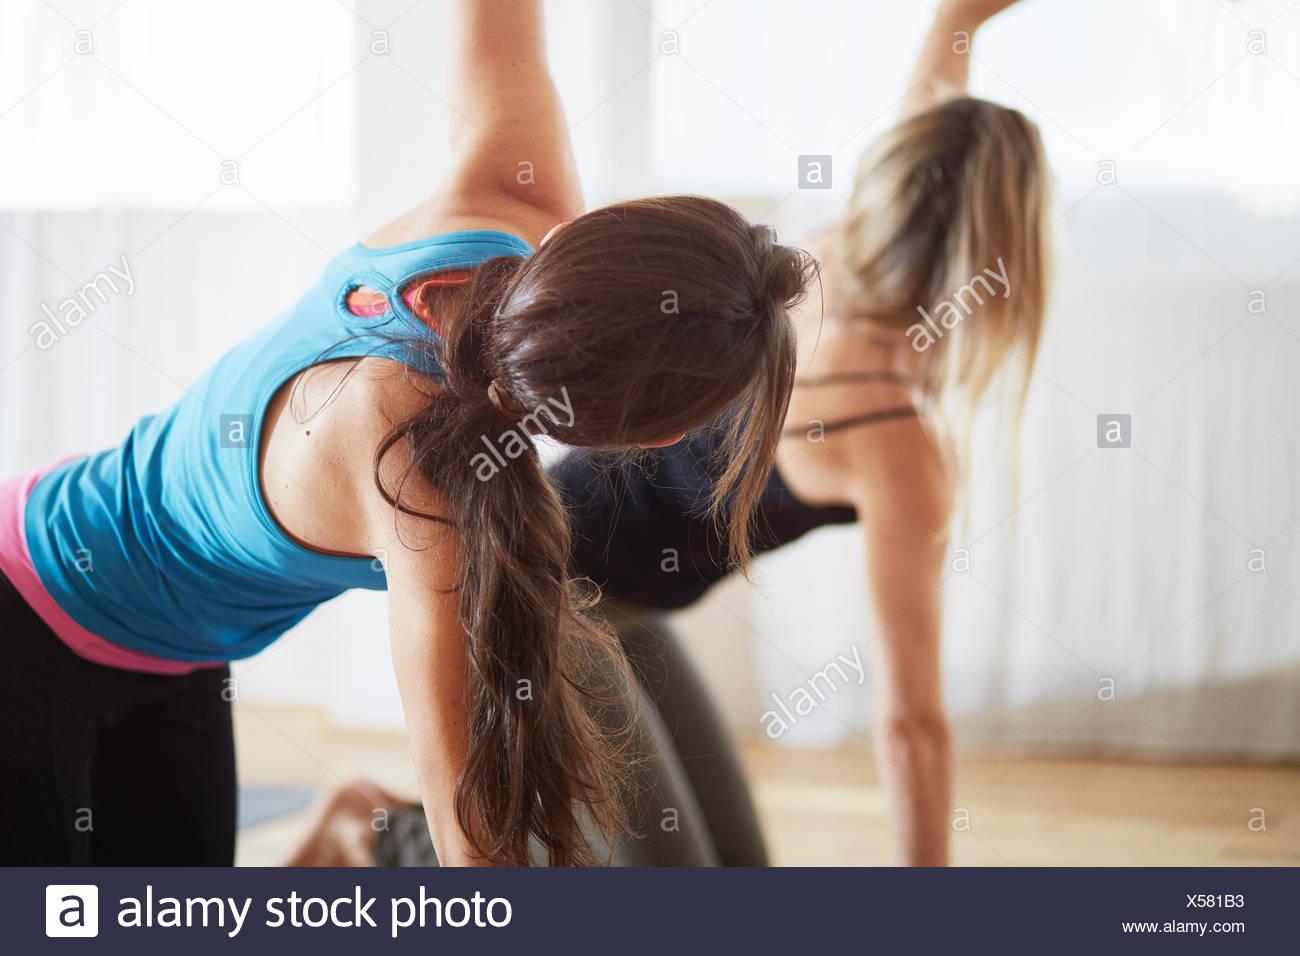 Dos mujeres de rodillas y elevando los brazos en clase de pilates Imagen De Stock